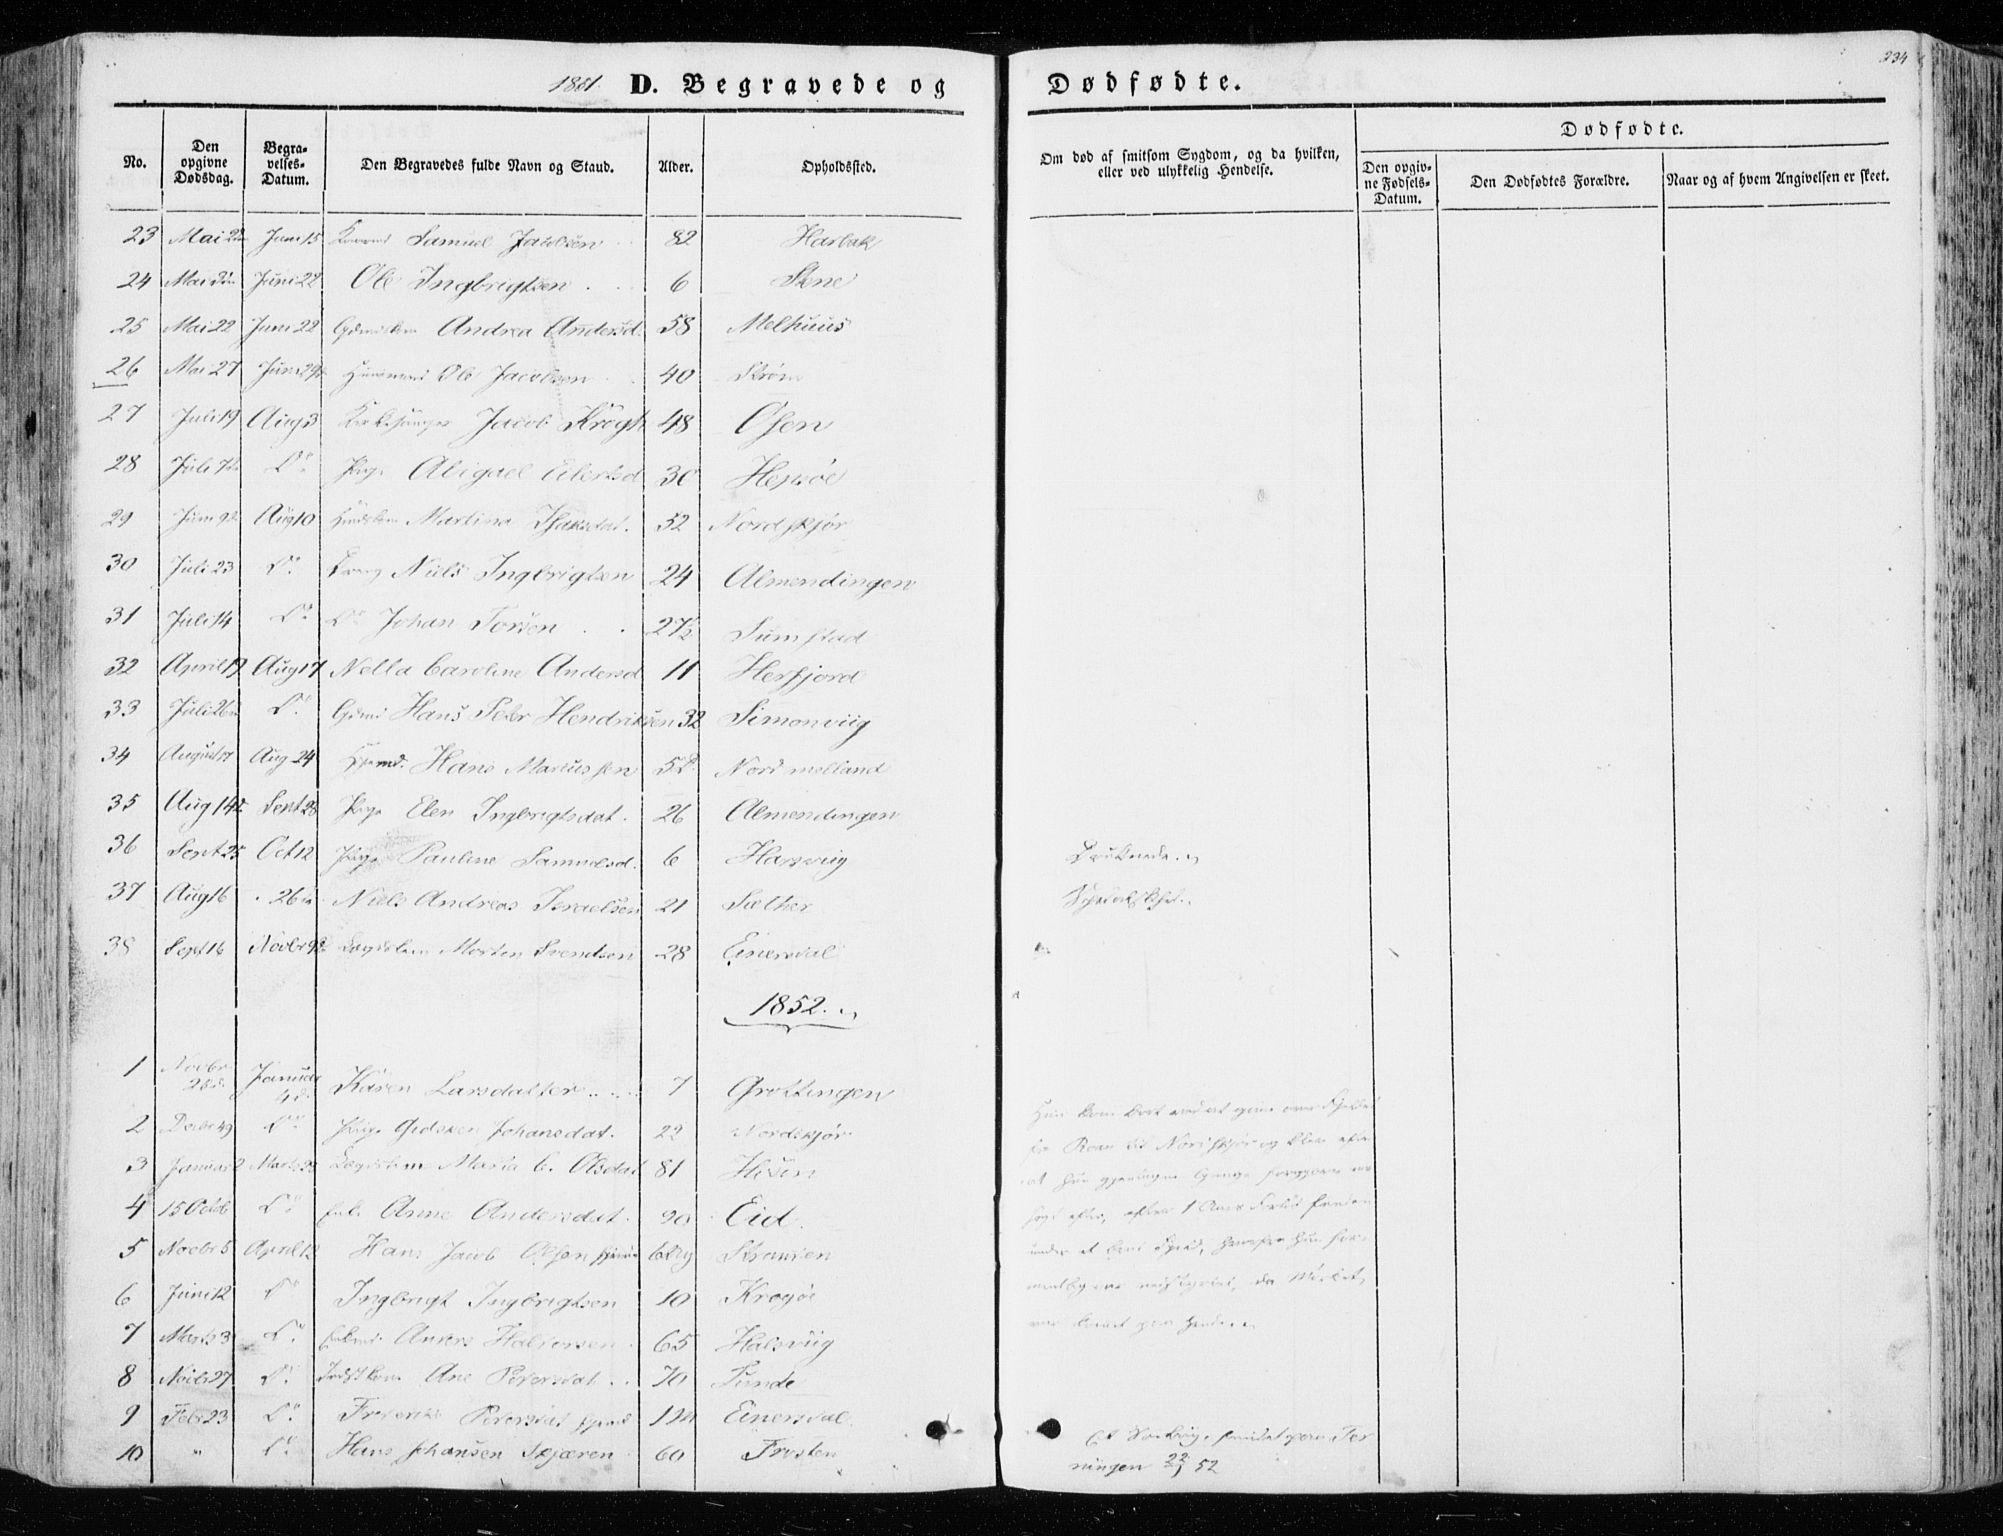 SAT, Ministerialprotokoller, klokkerbøker og fødselsregistre - Sør-Trøndelag, 657/L0704: Ministerialbok nr. 657A05, 1846-1857, s. 234